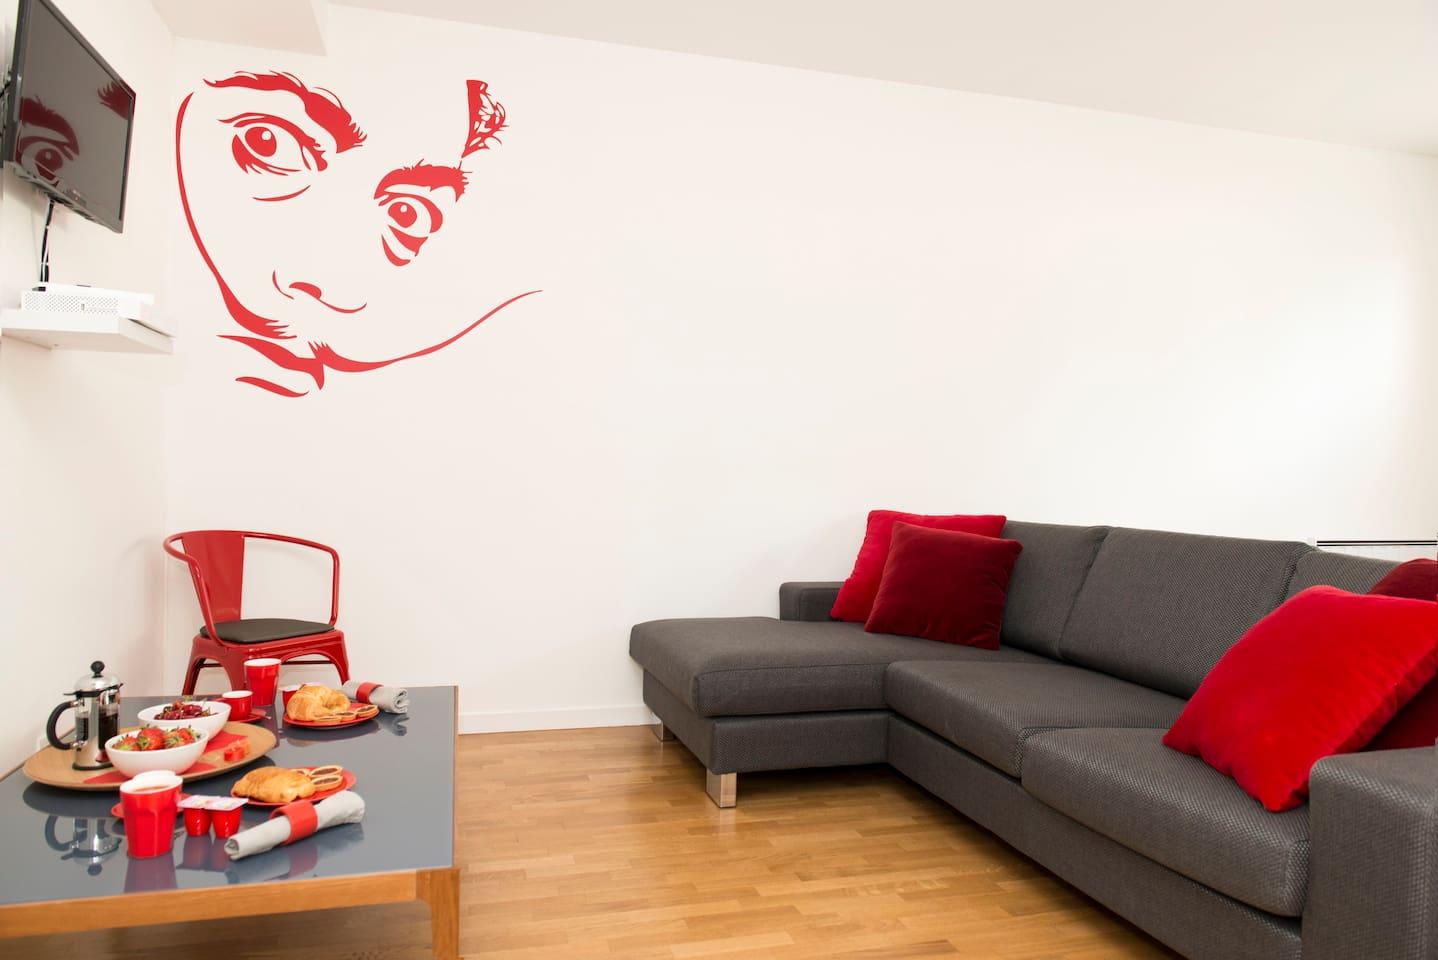 Living room 1 (with a 4-seat modern design sofa and a flat screen wall TV) / Séjour 1 (avec un canapé moderne de 4 places et une télévision murale à écran plat)